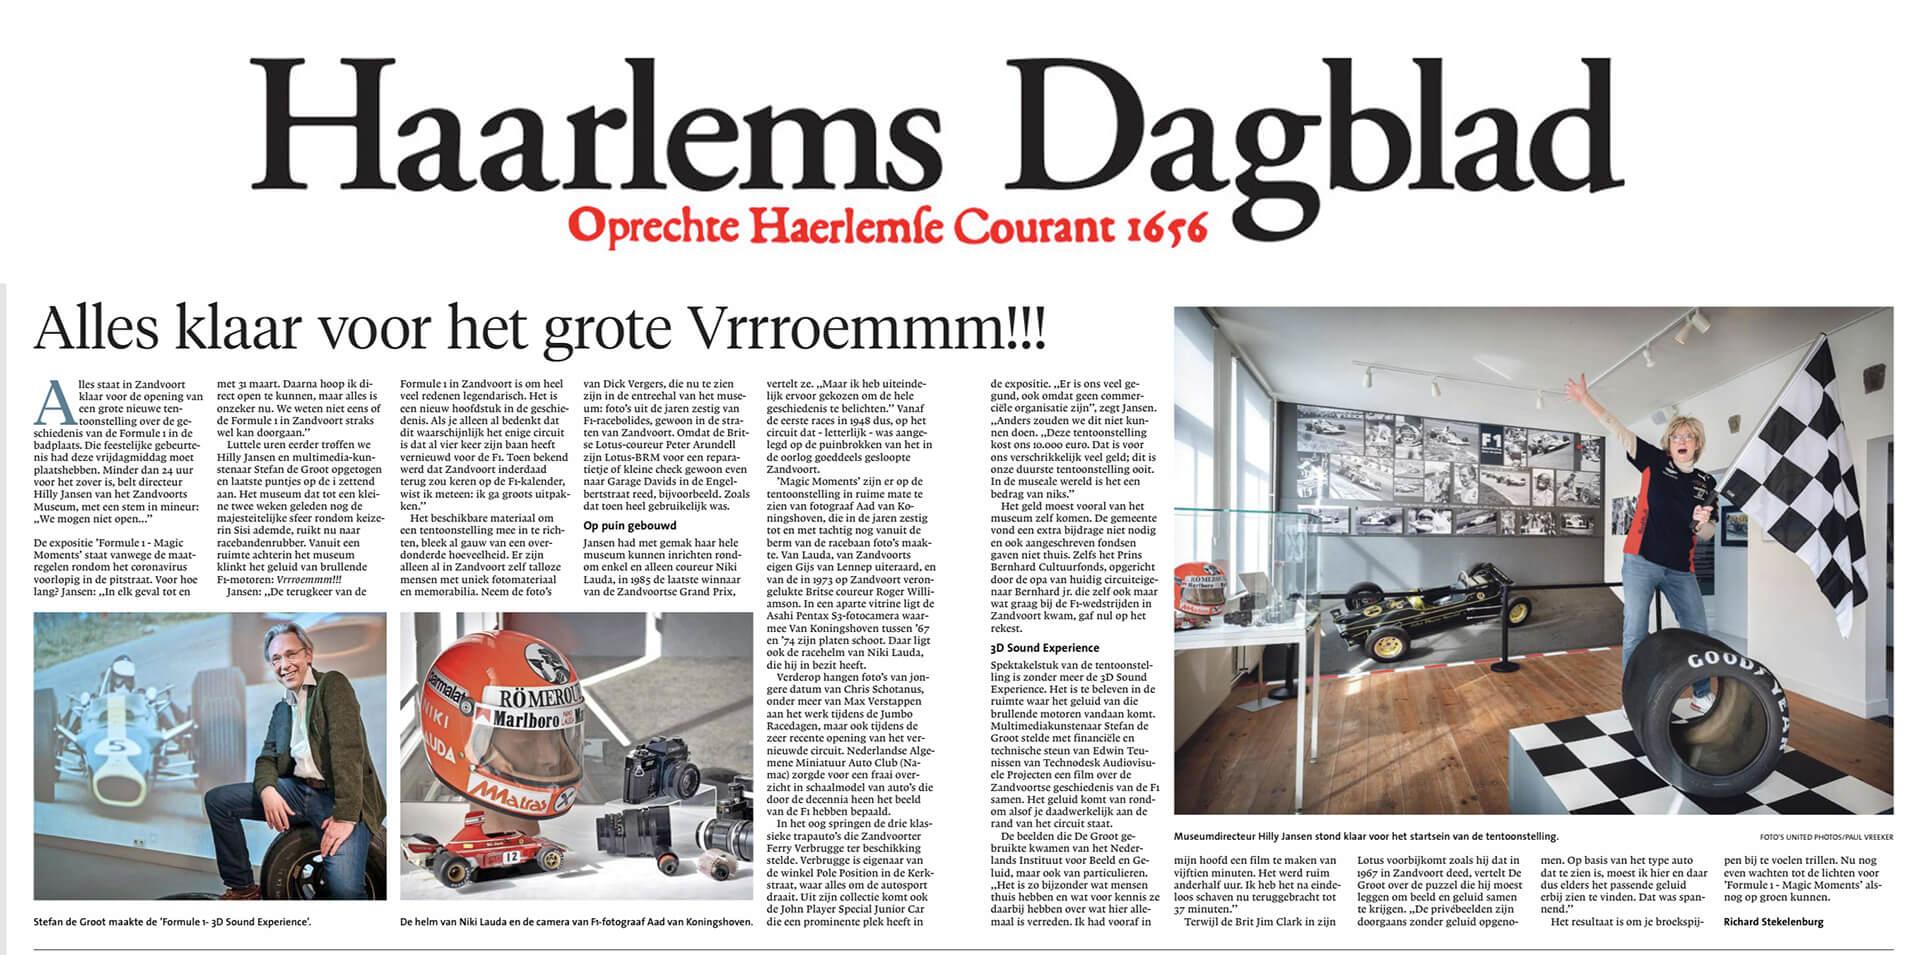 Haarlems Dagblad 14 maart 2020 interview Stefan de Groot